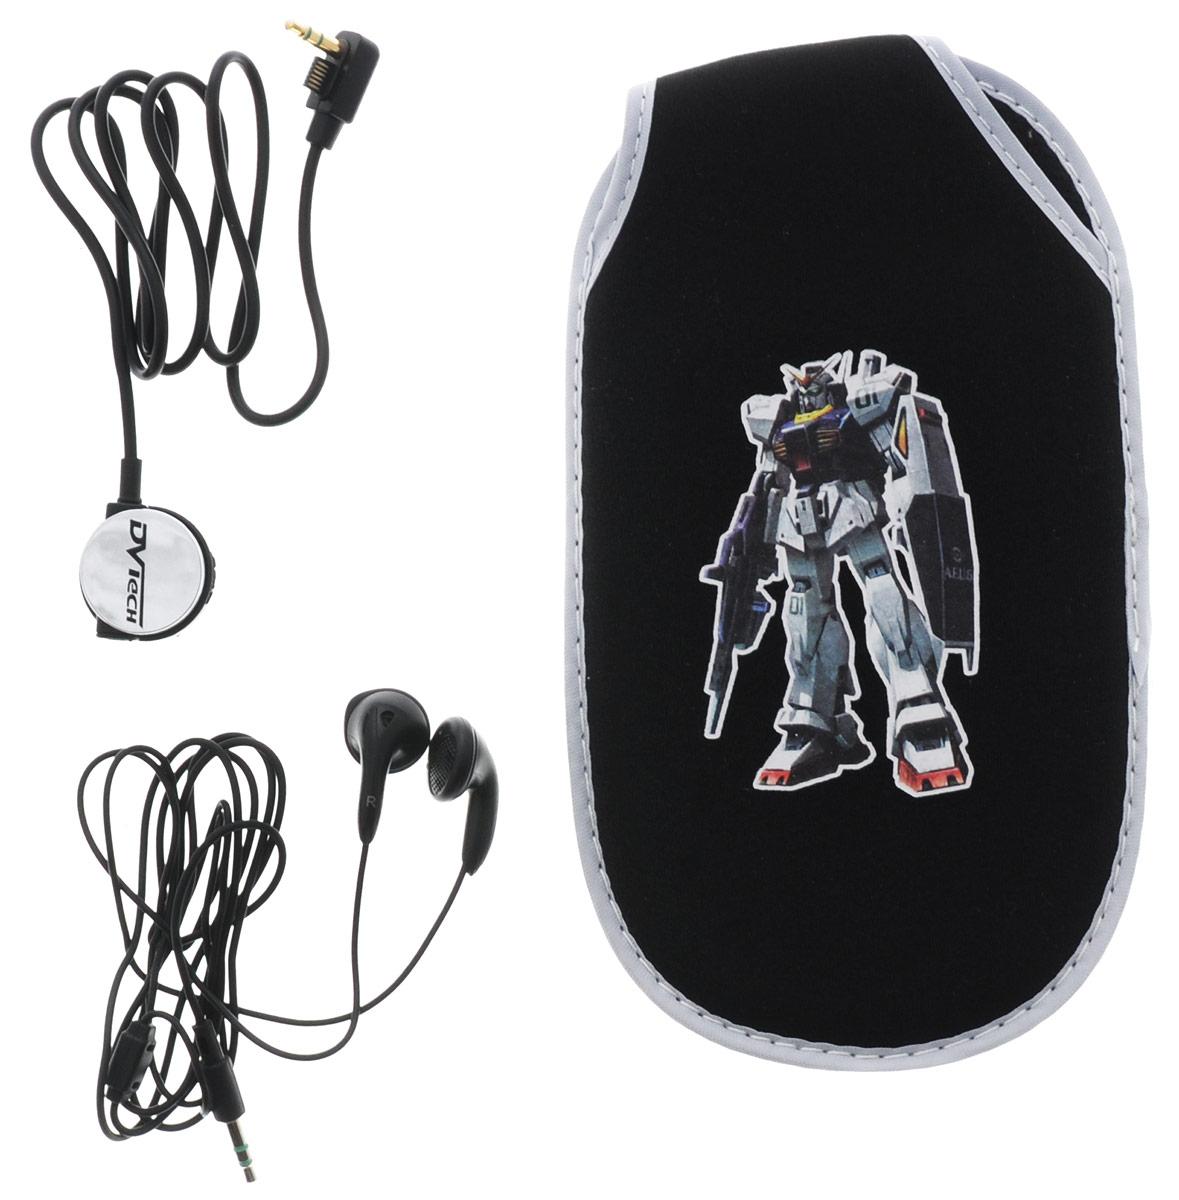 DVTech AC495 комплект аксессуаров для PSP Slim 3 в 14601250884950В комплект DVTech AC495 входят стереонаушники, которые комплектуются компактным пультом управления и клипсой для крепления на одежду. Мягкий чехол с кнопкой обеспечивает надежную защиту от царапин, внешних повреждений и загрязнений. С помощью защитной пленки, вы обеспечите сохранность экрана PSP от отпечатков пальцев, пыли и прочих неблагоприятных факторов.